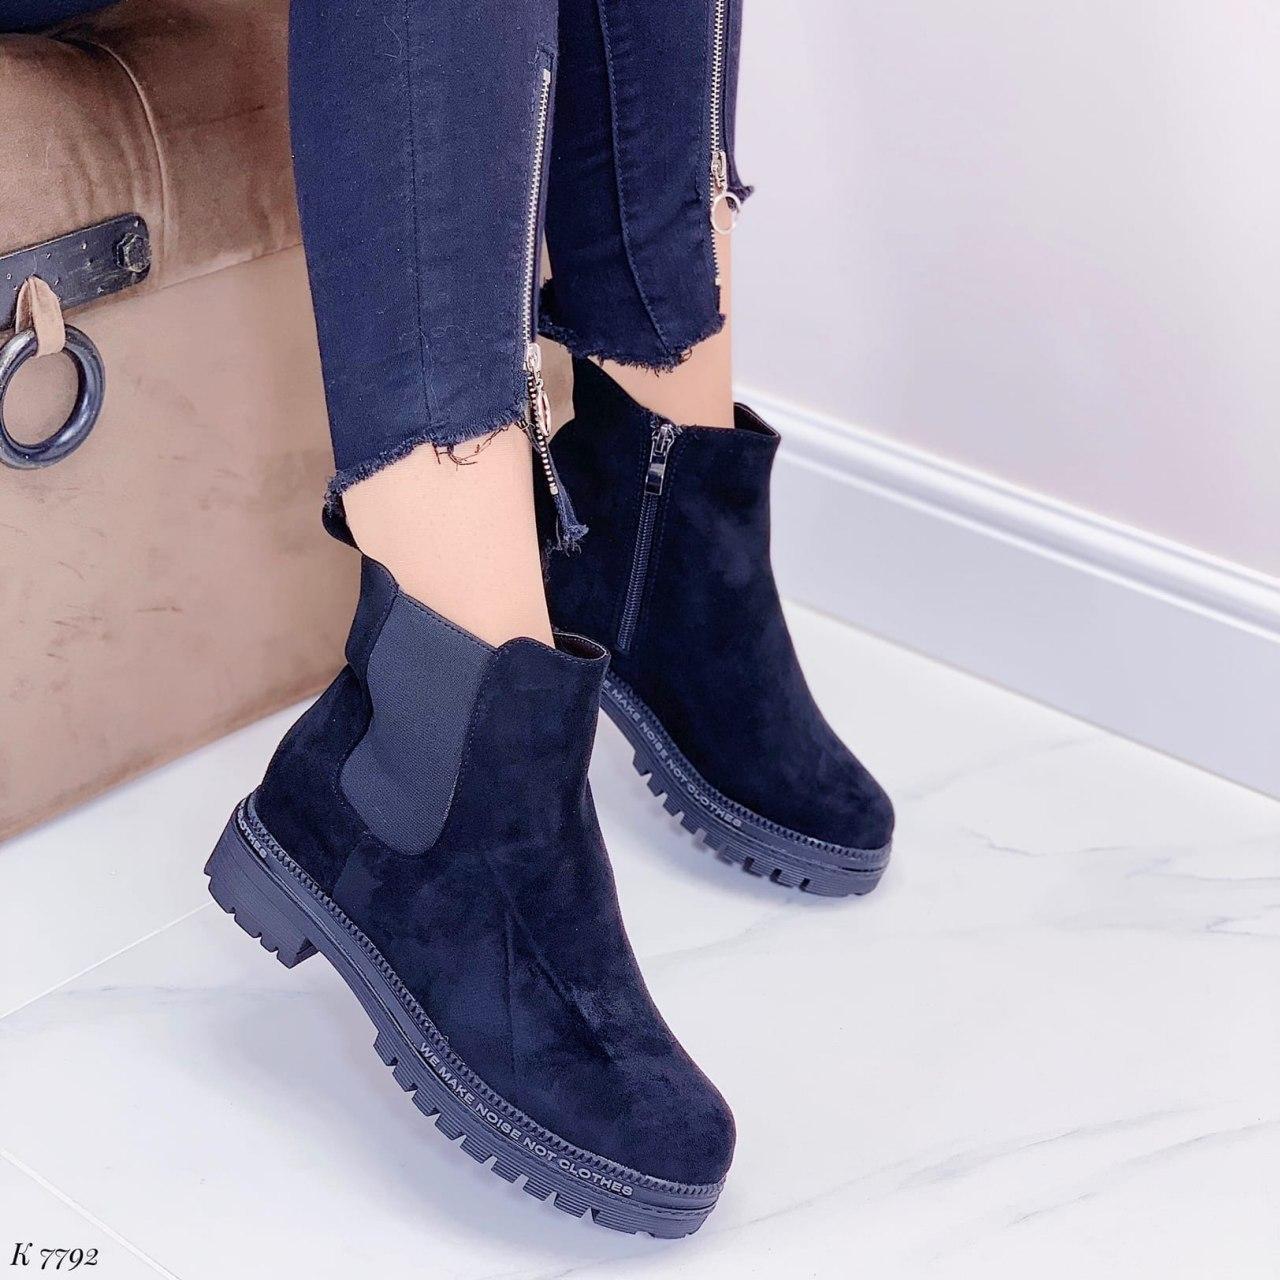 Ботинки женские черные, демисезонные из эко замши. Черевики жіночі чорні з еко замші утеплені